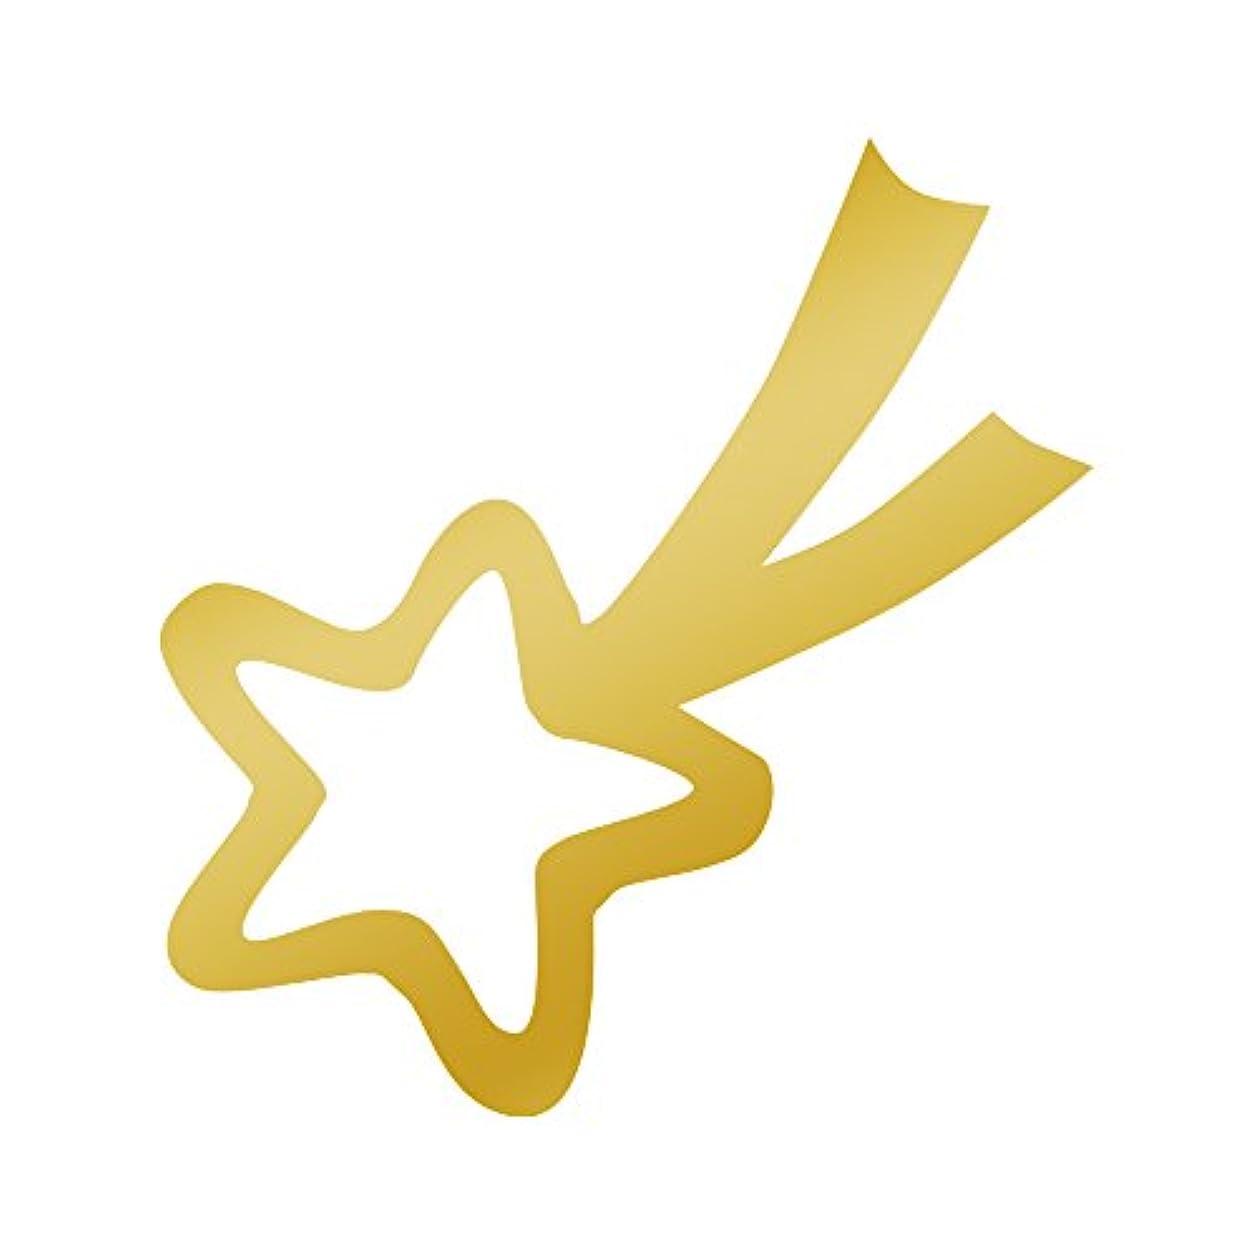 虐殺スノーケル出発するリトルプリティー ネイルアートパーツ 流れ星 S ゴールド 10個